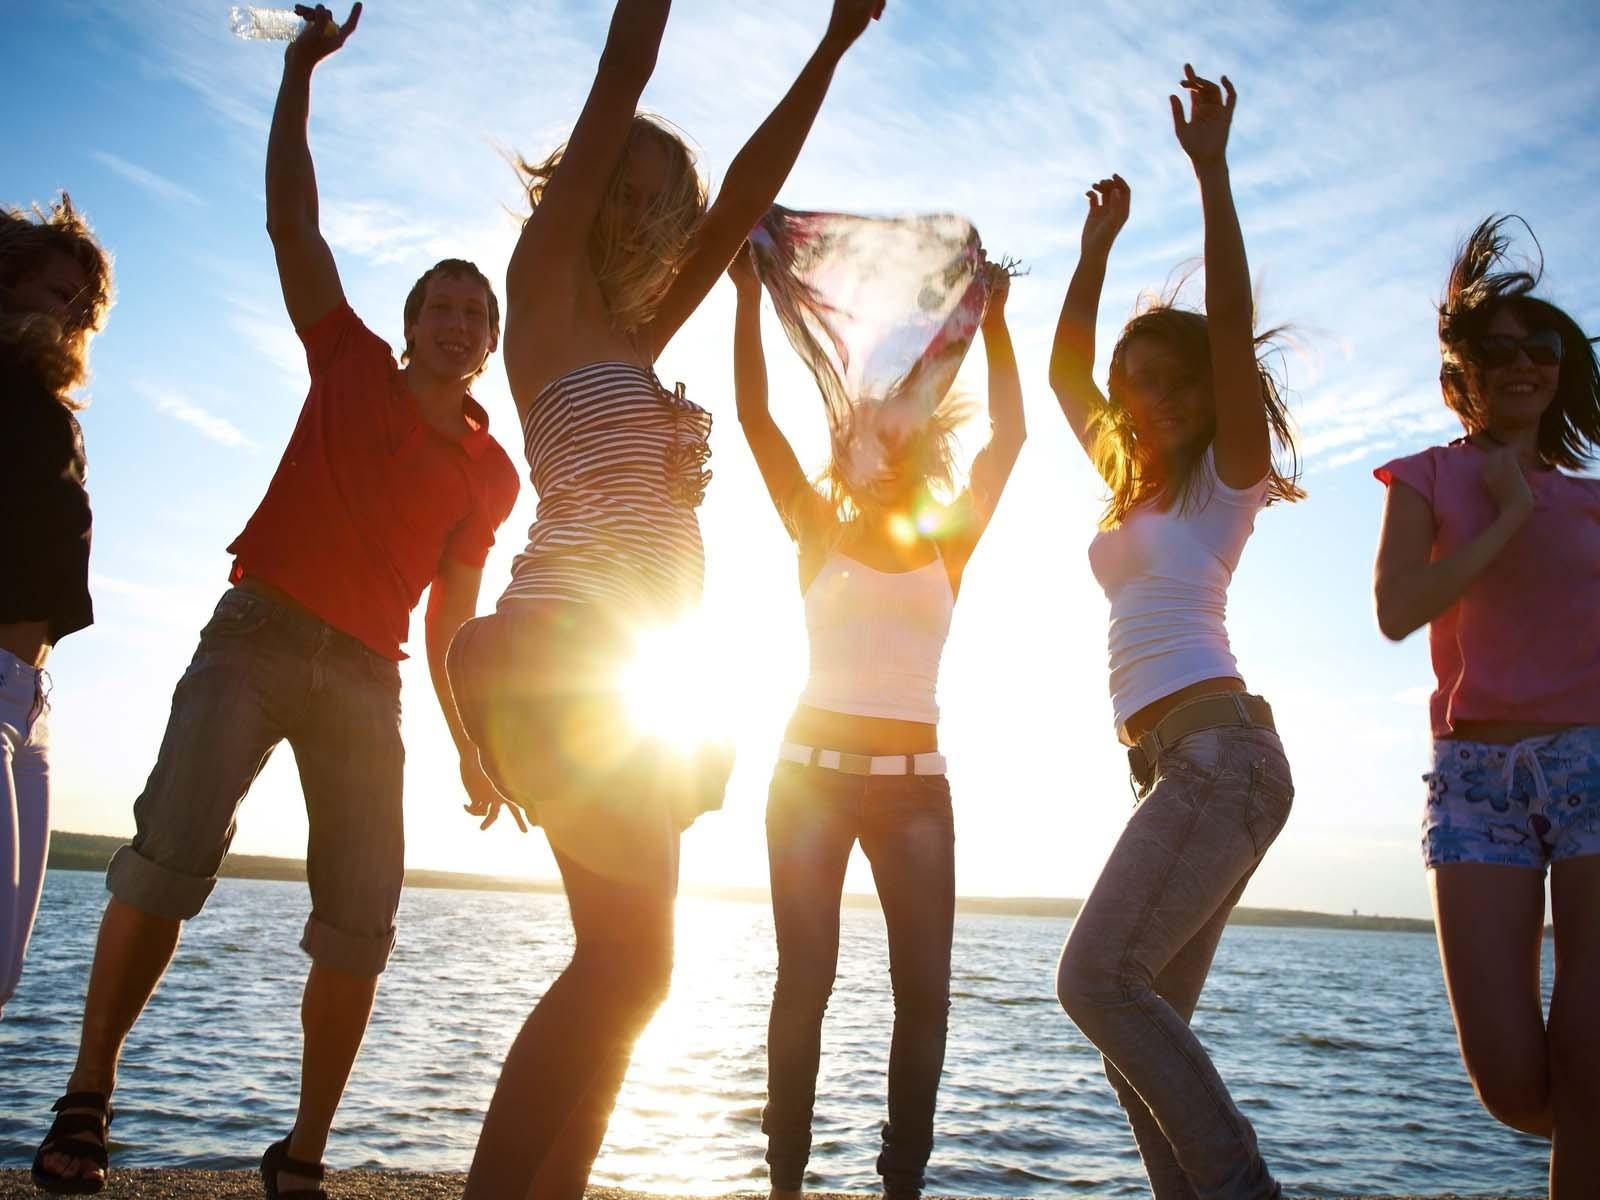 Los jóvenes entre los 18 y 29 años de edad, conforman la generación más numerosa de la historia registrada hasta la actualidad